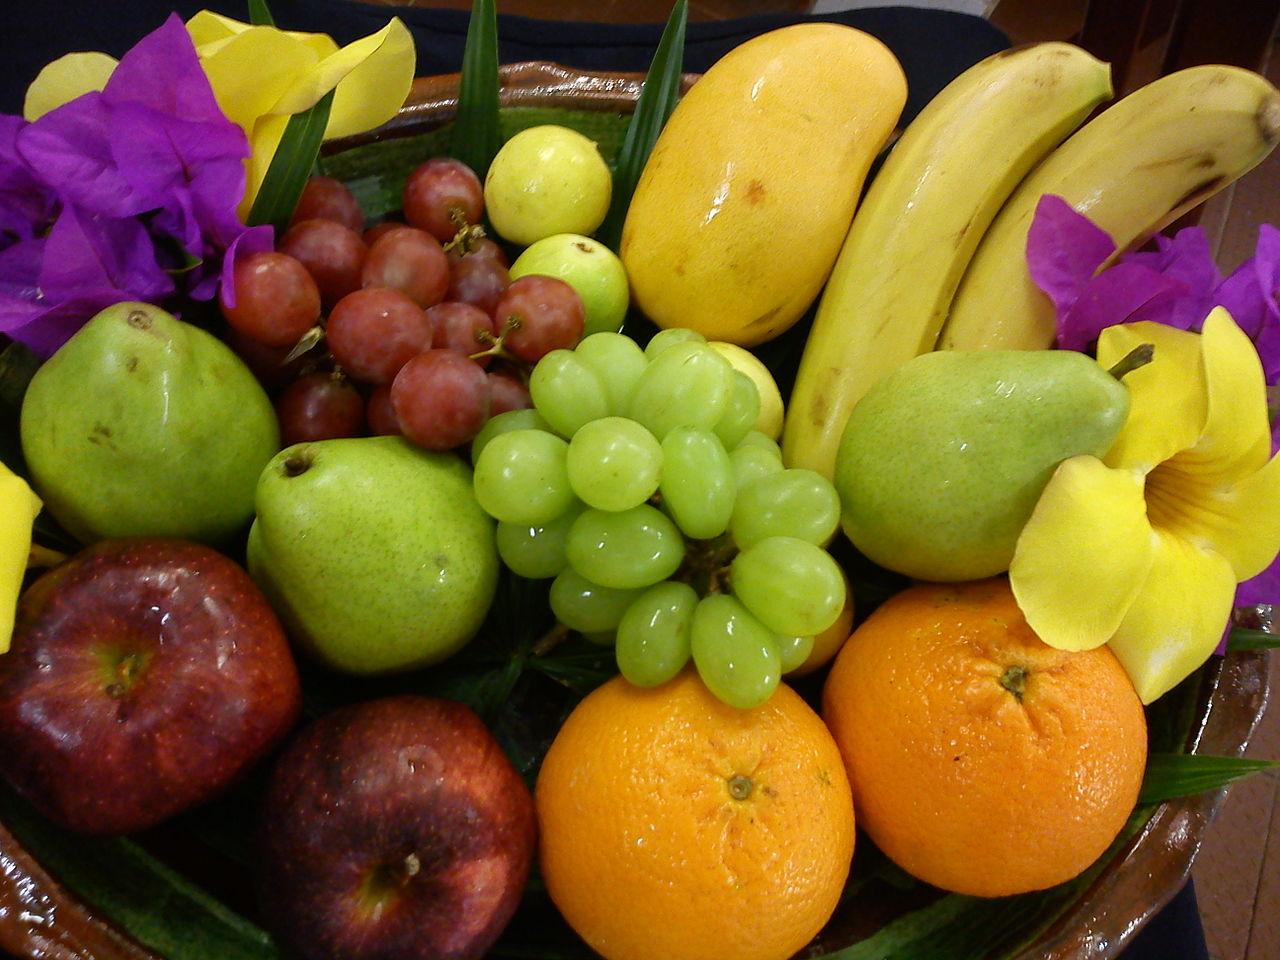 Eliminar los mosquitos de la fruta en la cocina - Fruteros de cocina ...